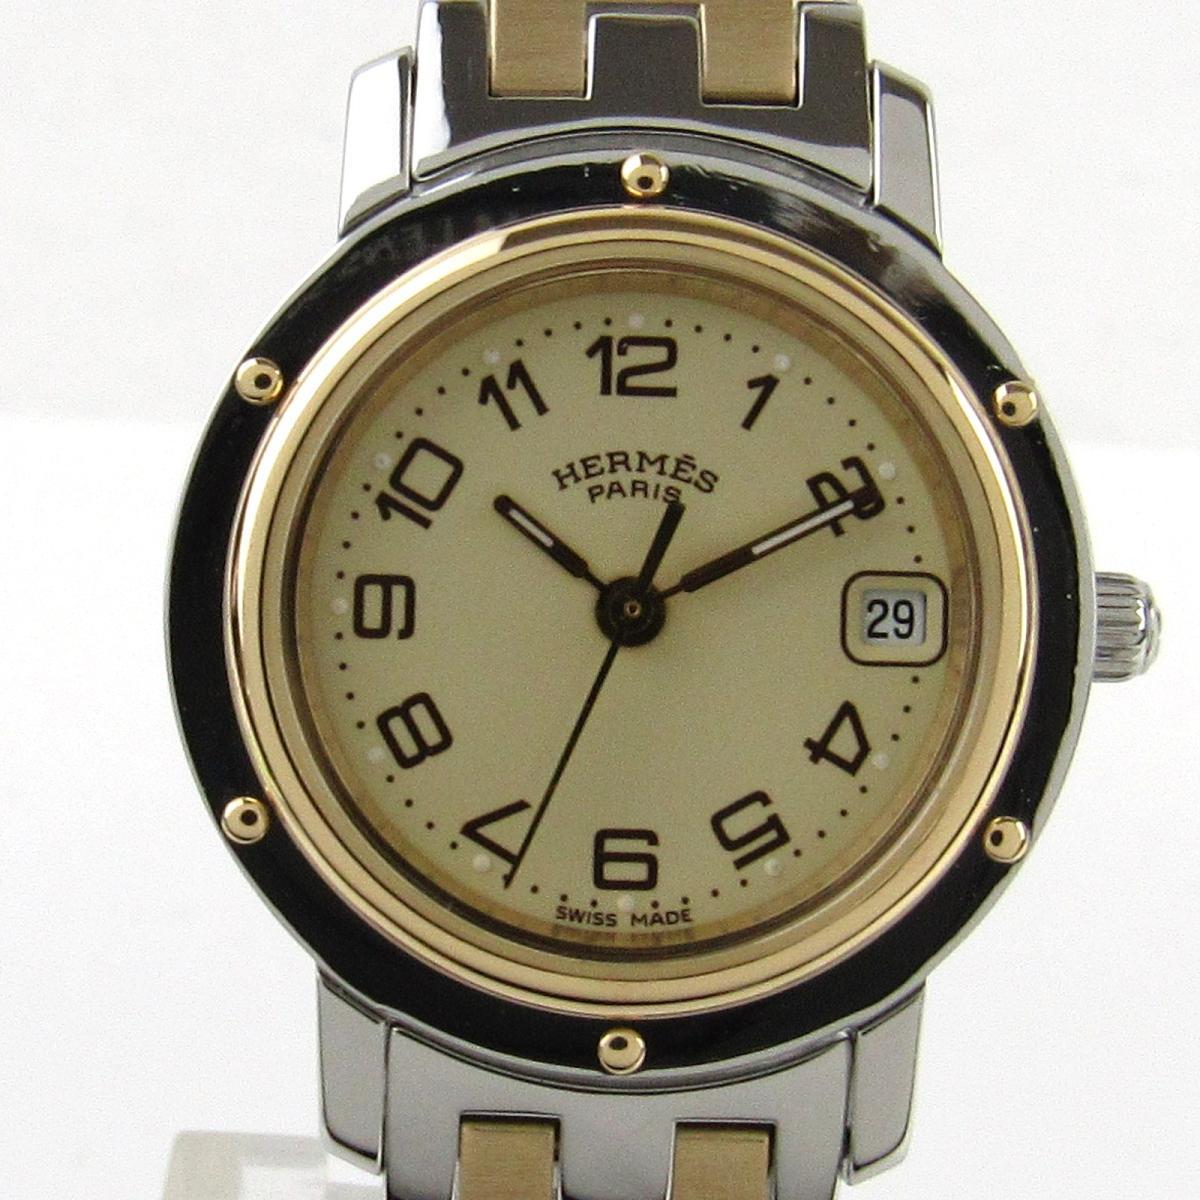 【中古】 エルメス クリッパー ウォッチ 腕時計 レディース ステンレススチール (SS) x GP (ゴールドメッキ) | HERMES クオーツ クォーツ 時計 クリッパー 美品 ブランドオフ